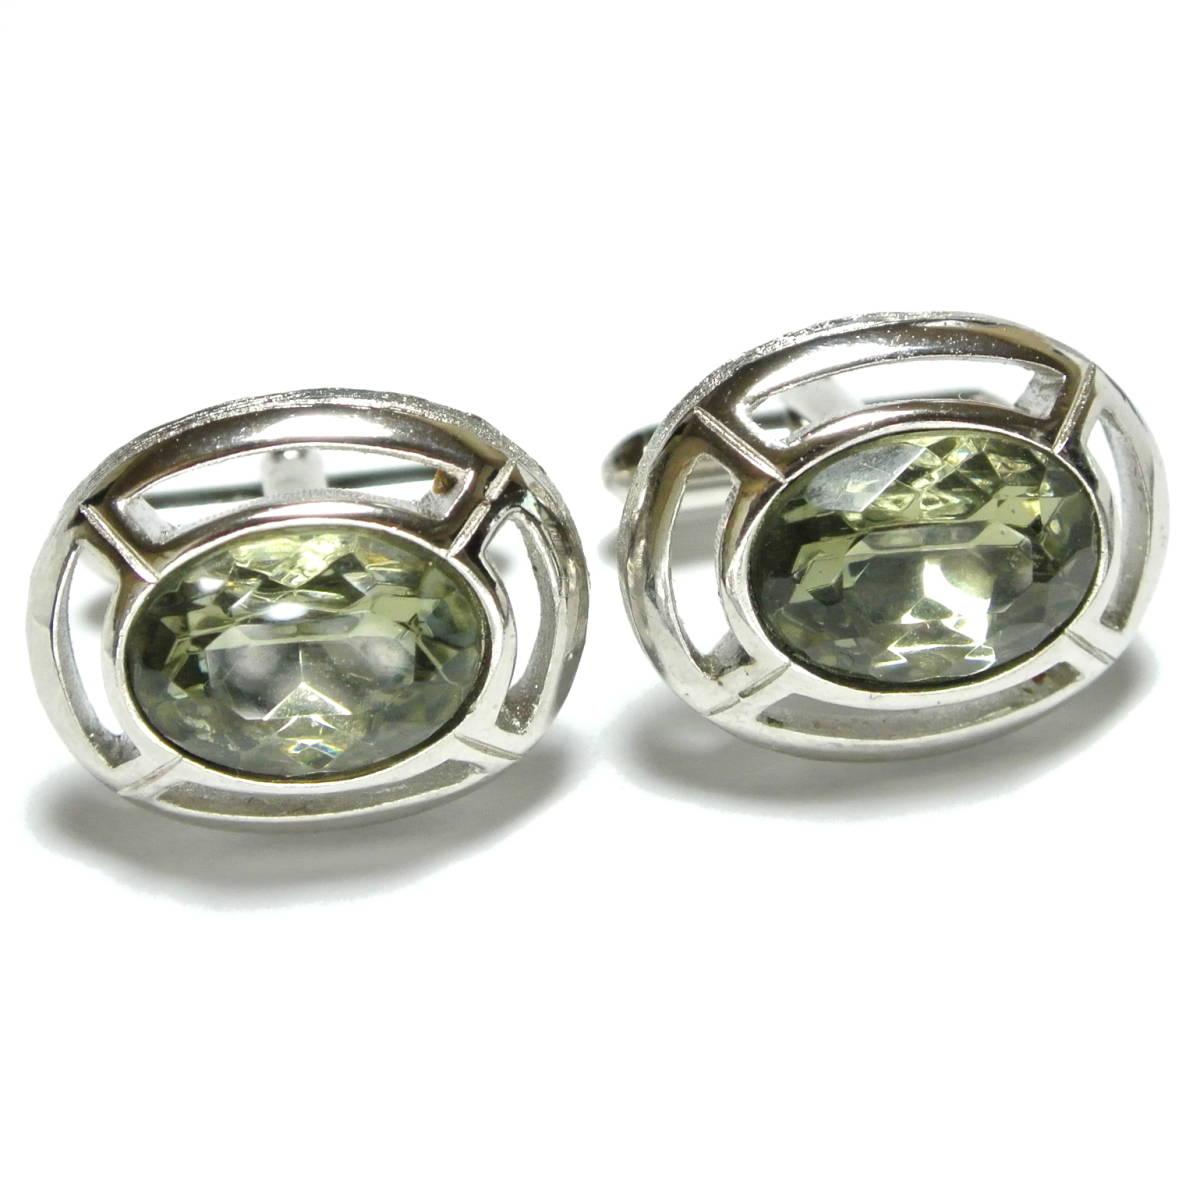 クリスタル◆アメリカ SWANK製 ヴィンテージ カフリンクス 銀 シルバー ガラス シンプル 楕円 オーバル カフスボタン スワンク_画像1